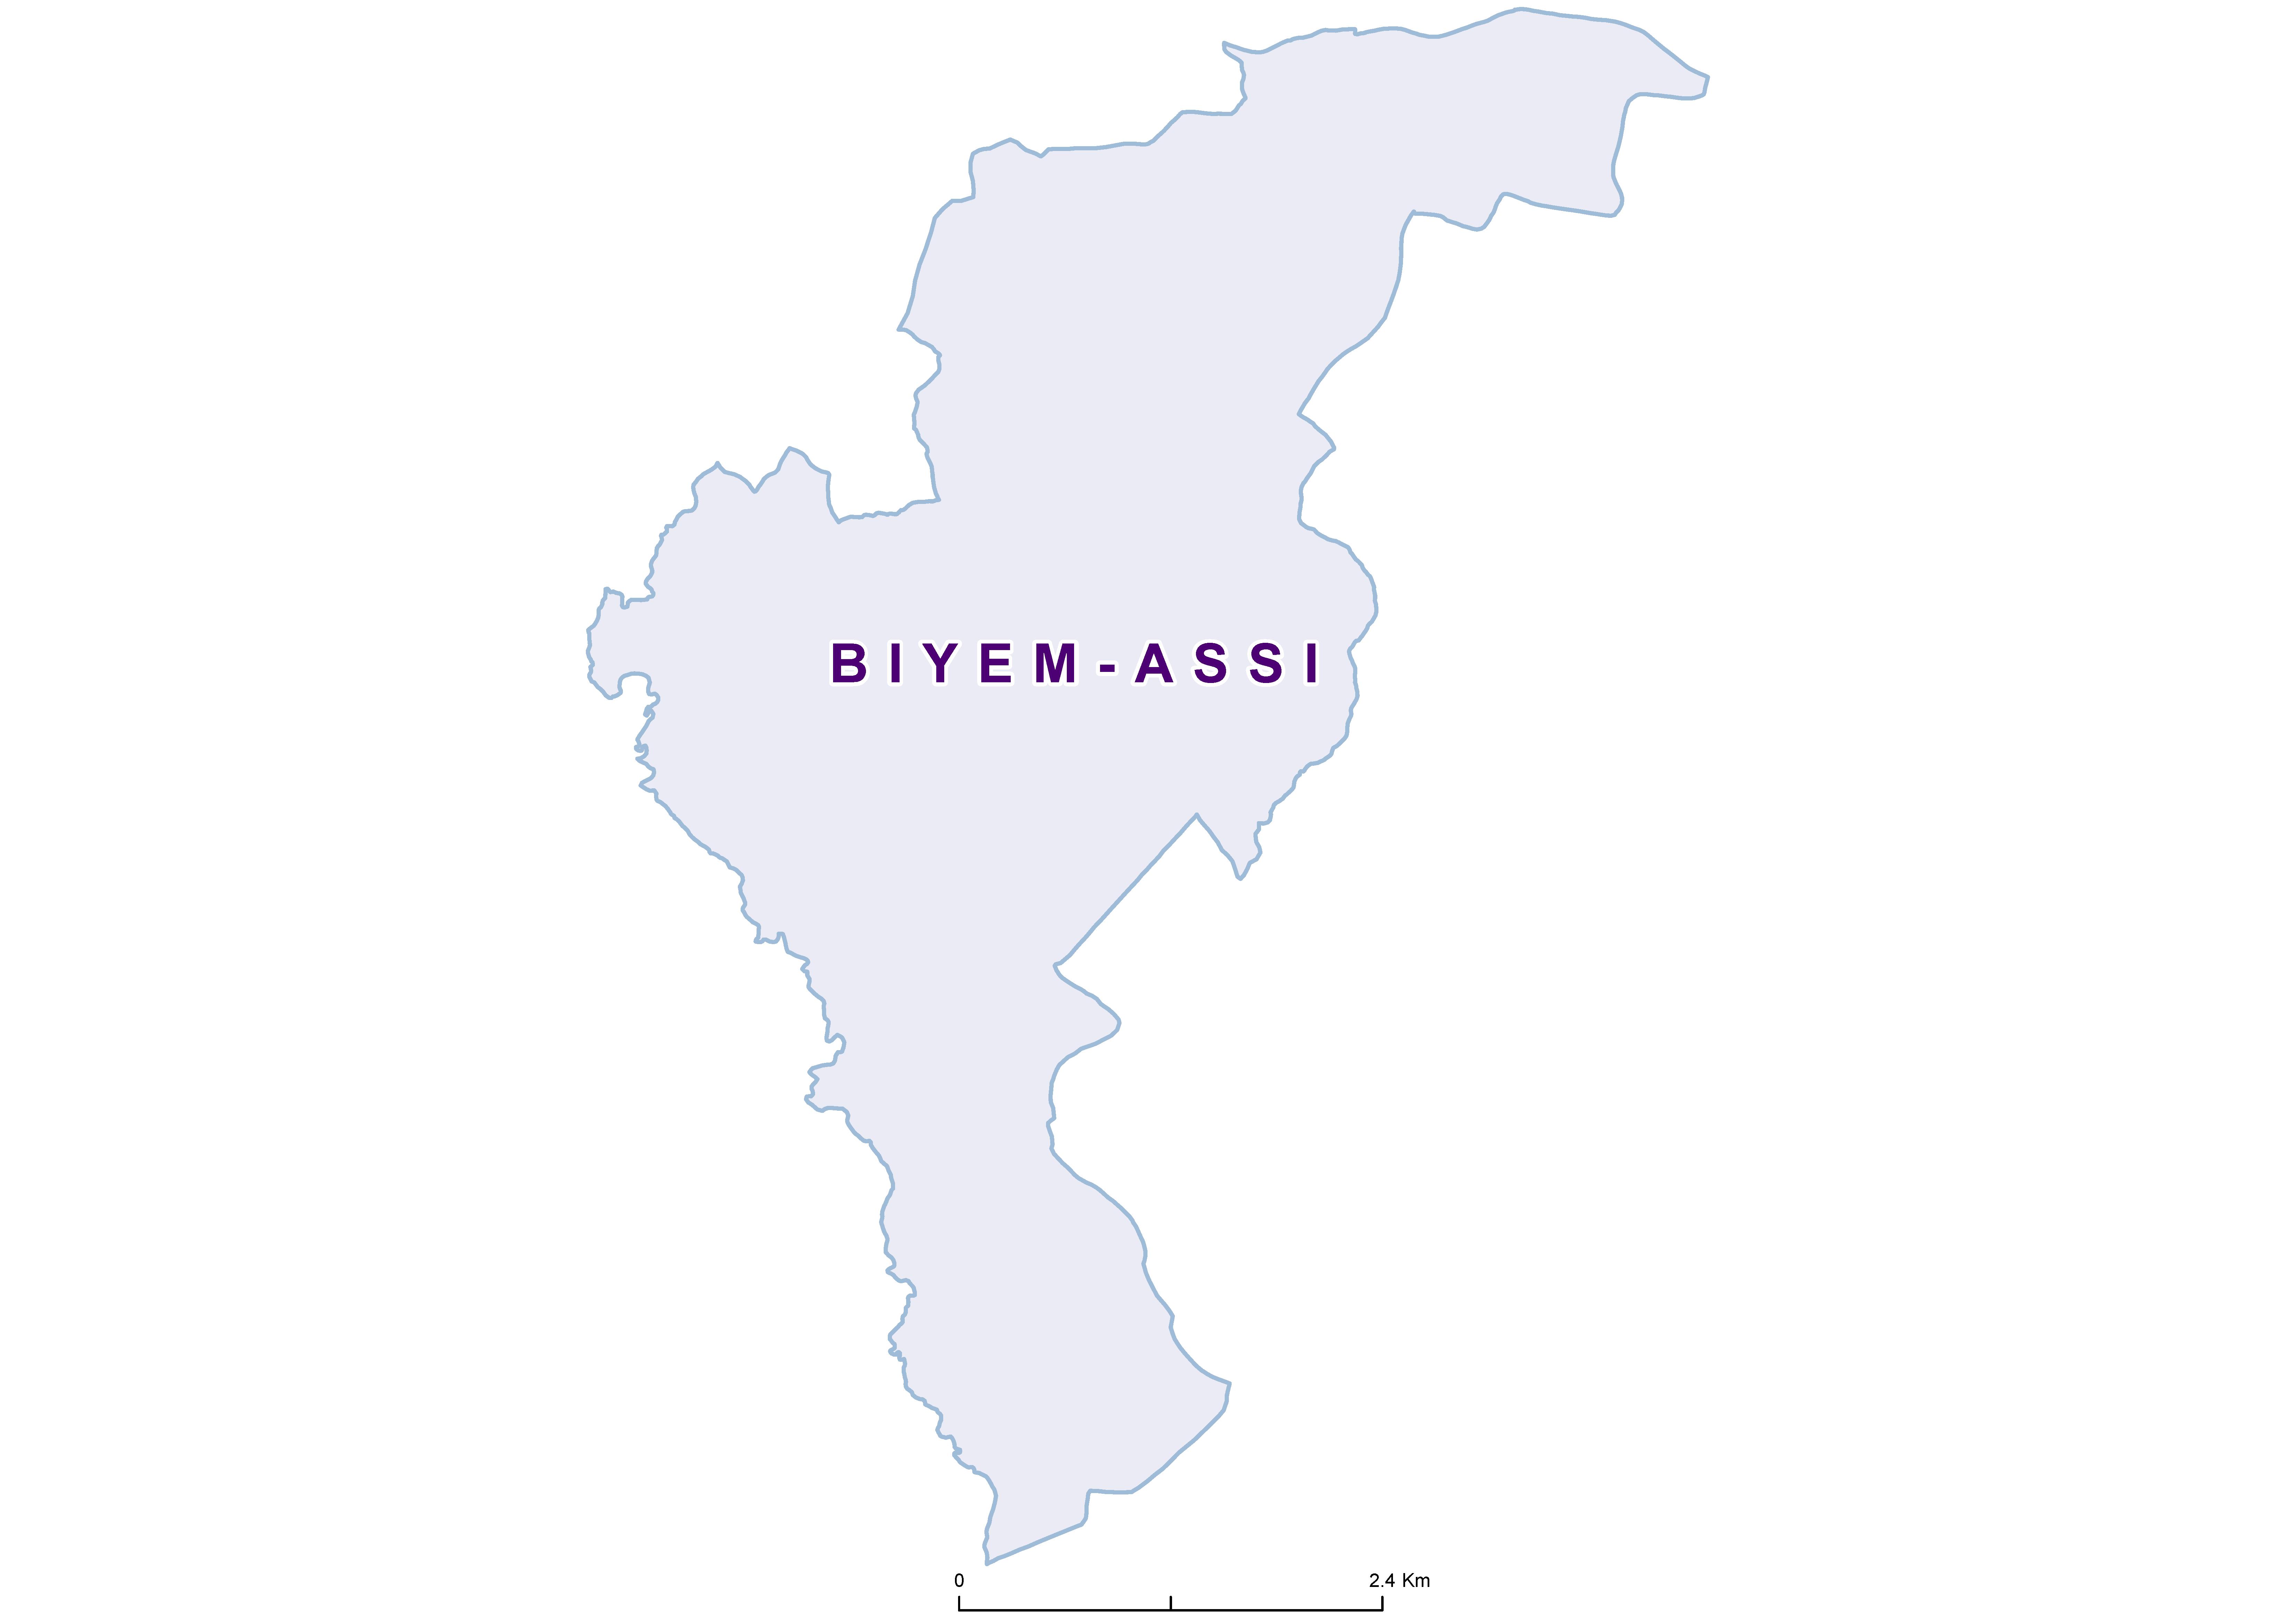 Biyem-assi Mean STH 19850001